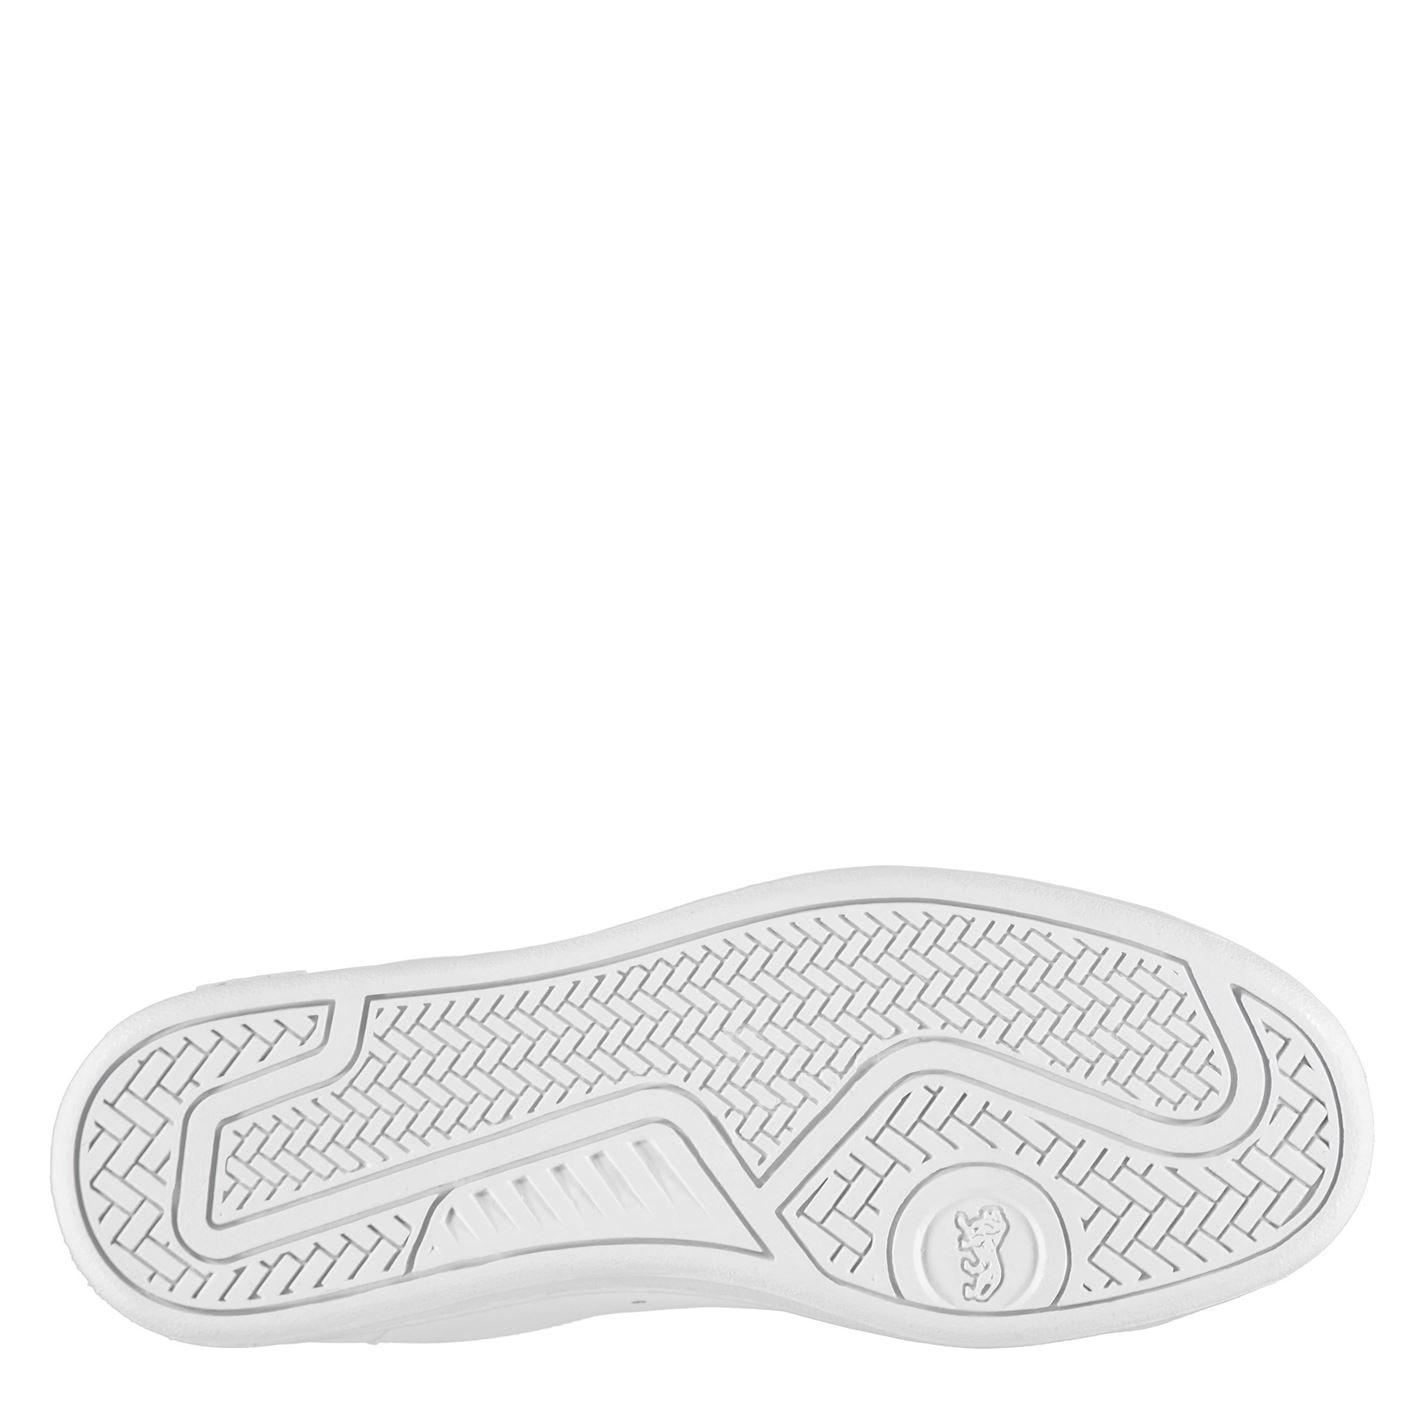 Adidasi sport Lonsdale Leyton din piele pentru Barbati alb bleumarin